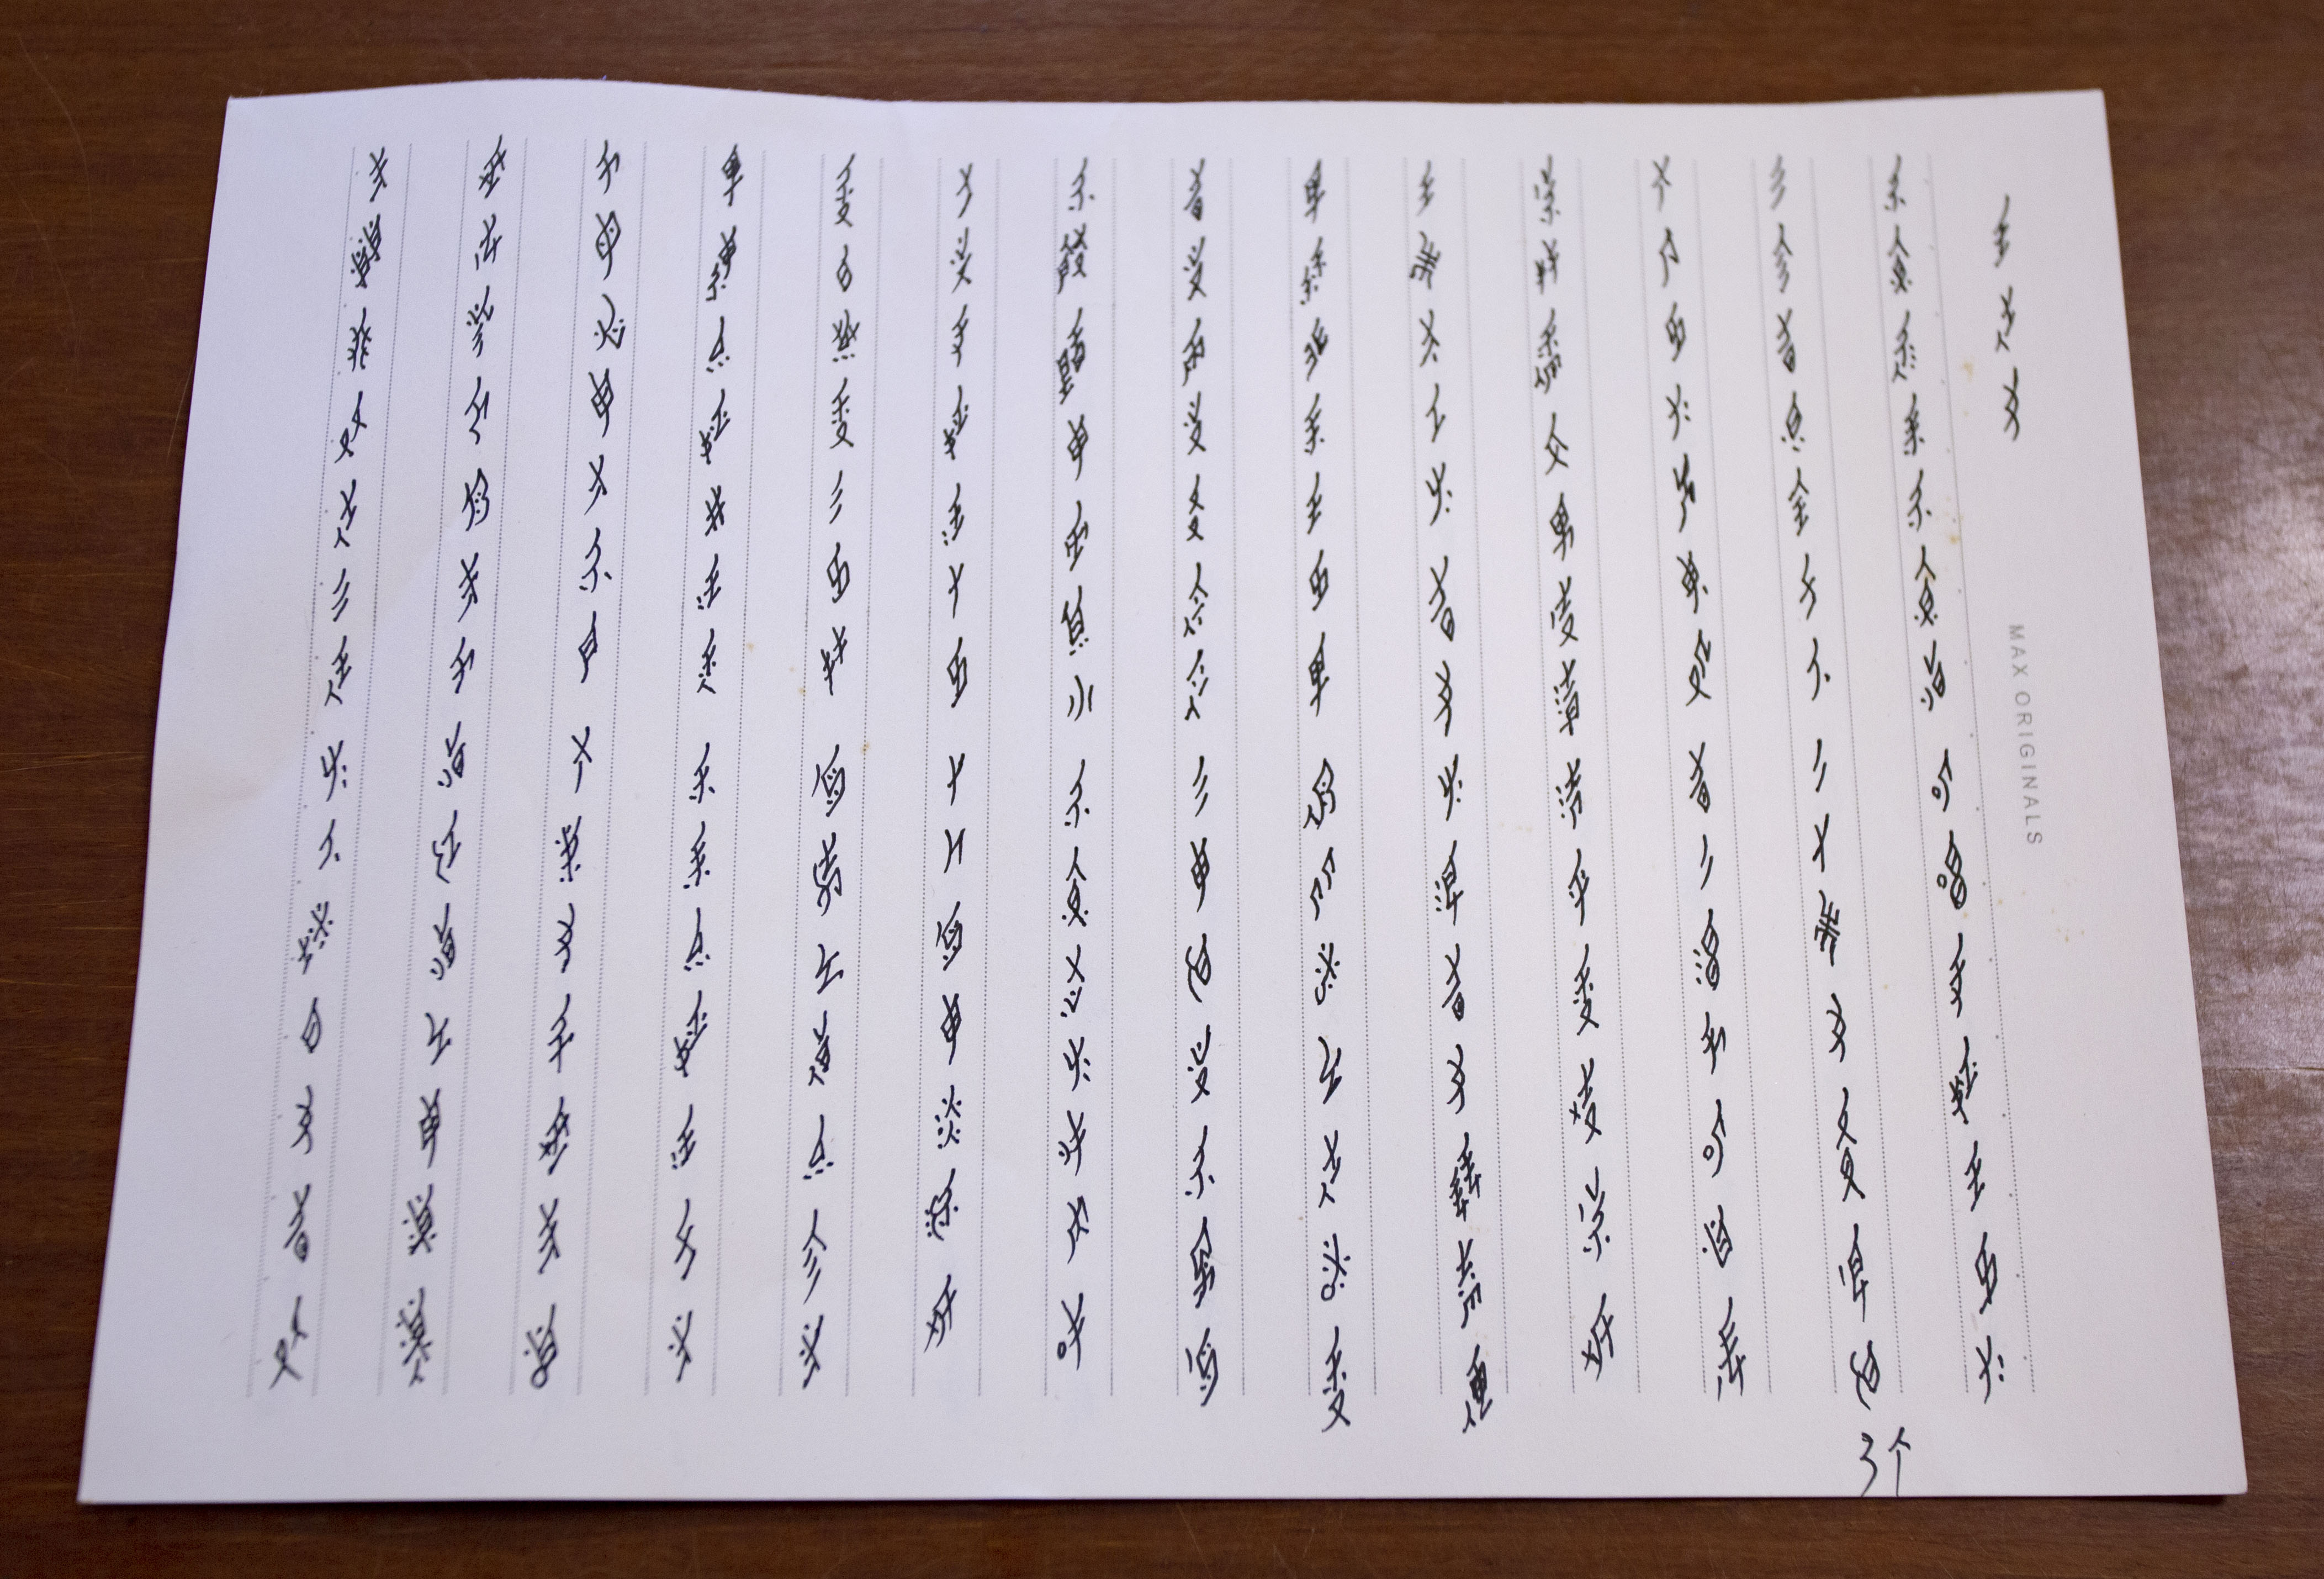 女書為五言或七言詩歌體,由上而下、由右而左書寫,沒有標點符號。內容主要為婦女的自抒創作,也有部分是轉譯漢字唱本例如《孟姜女》。圖│研之有物